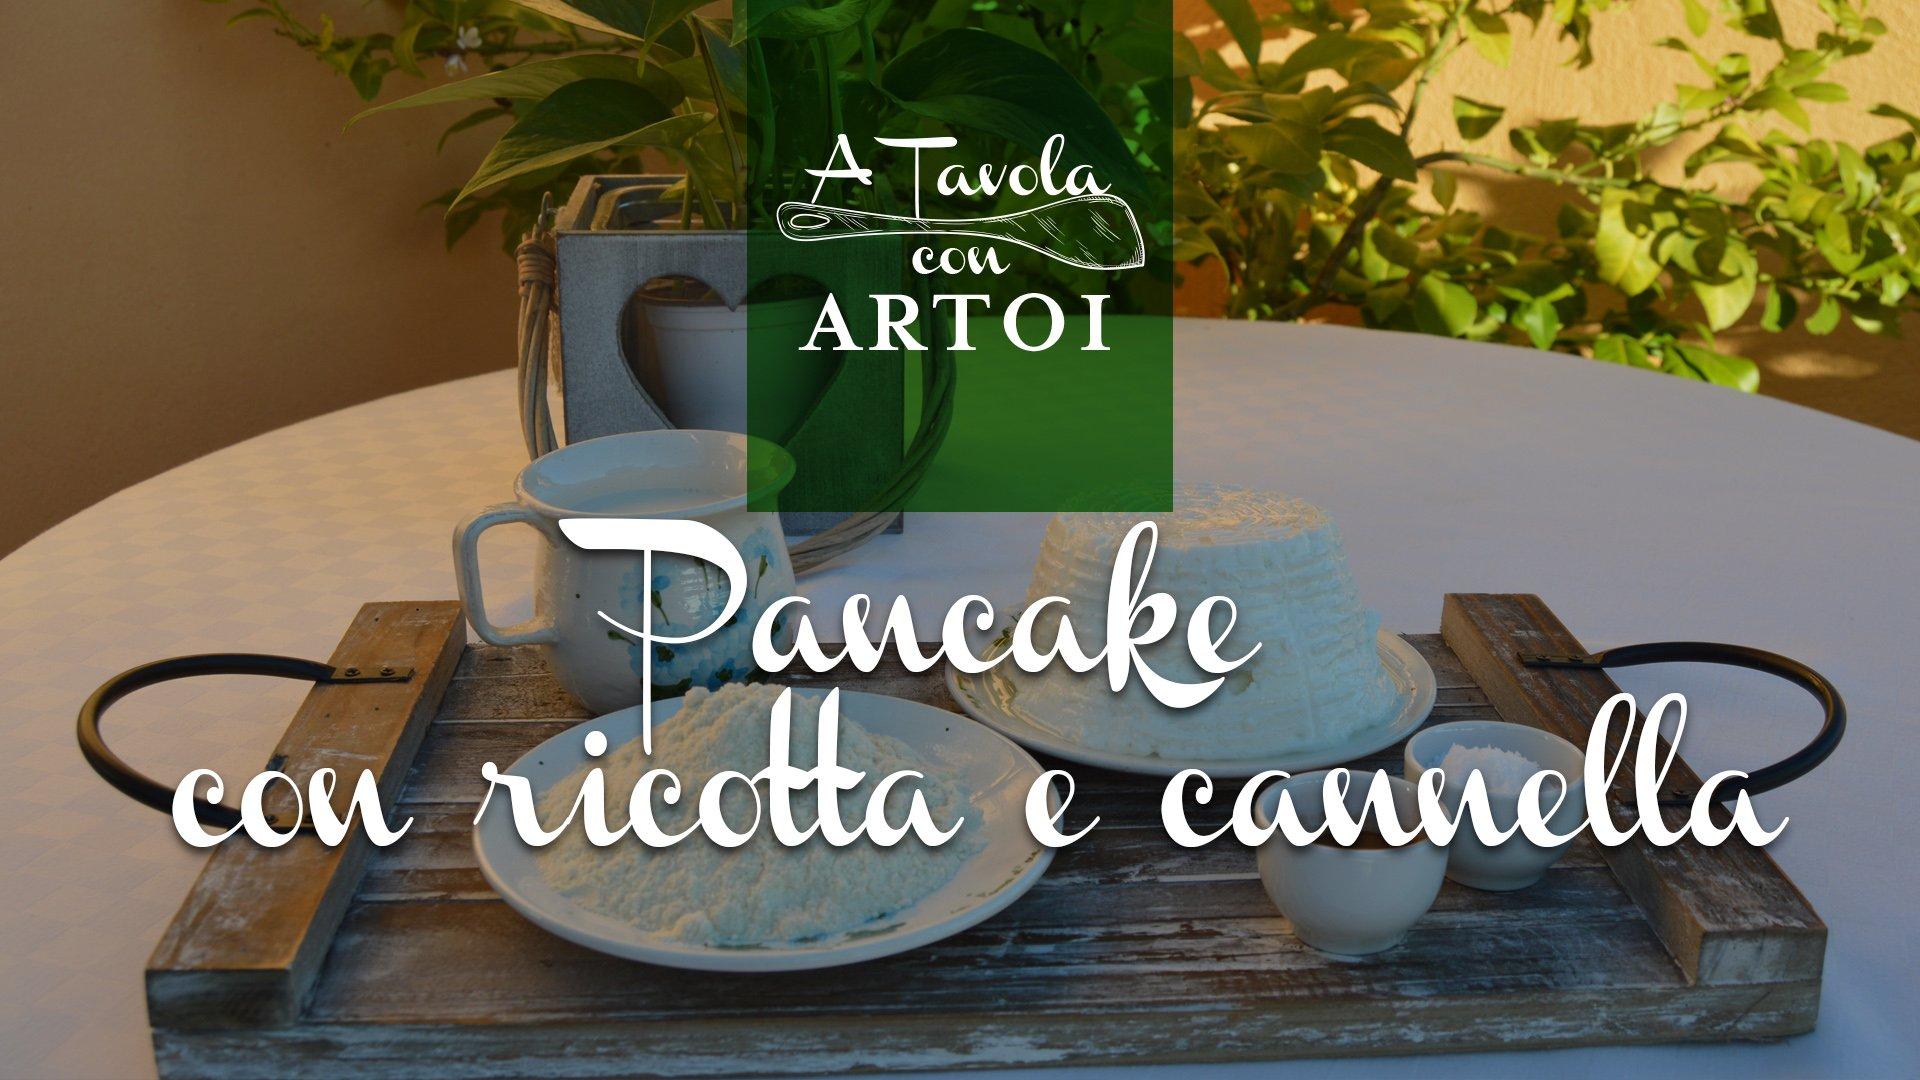 PANCAKE CON RICOTTA E CANNELLA